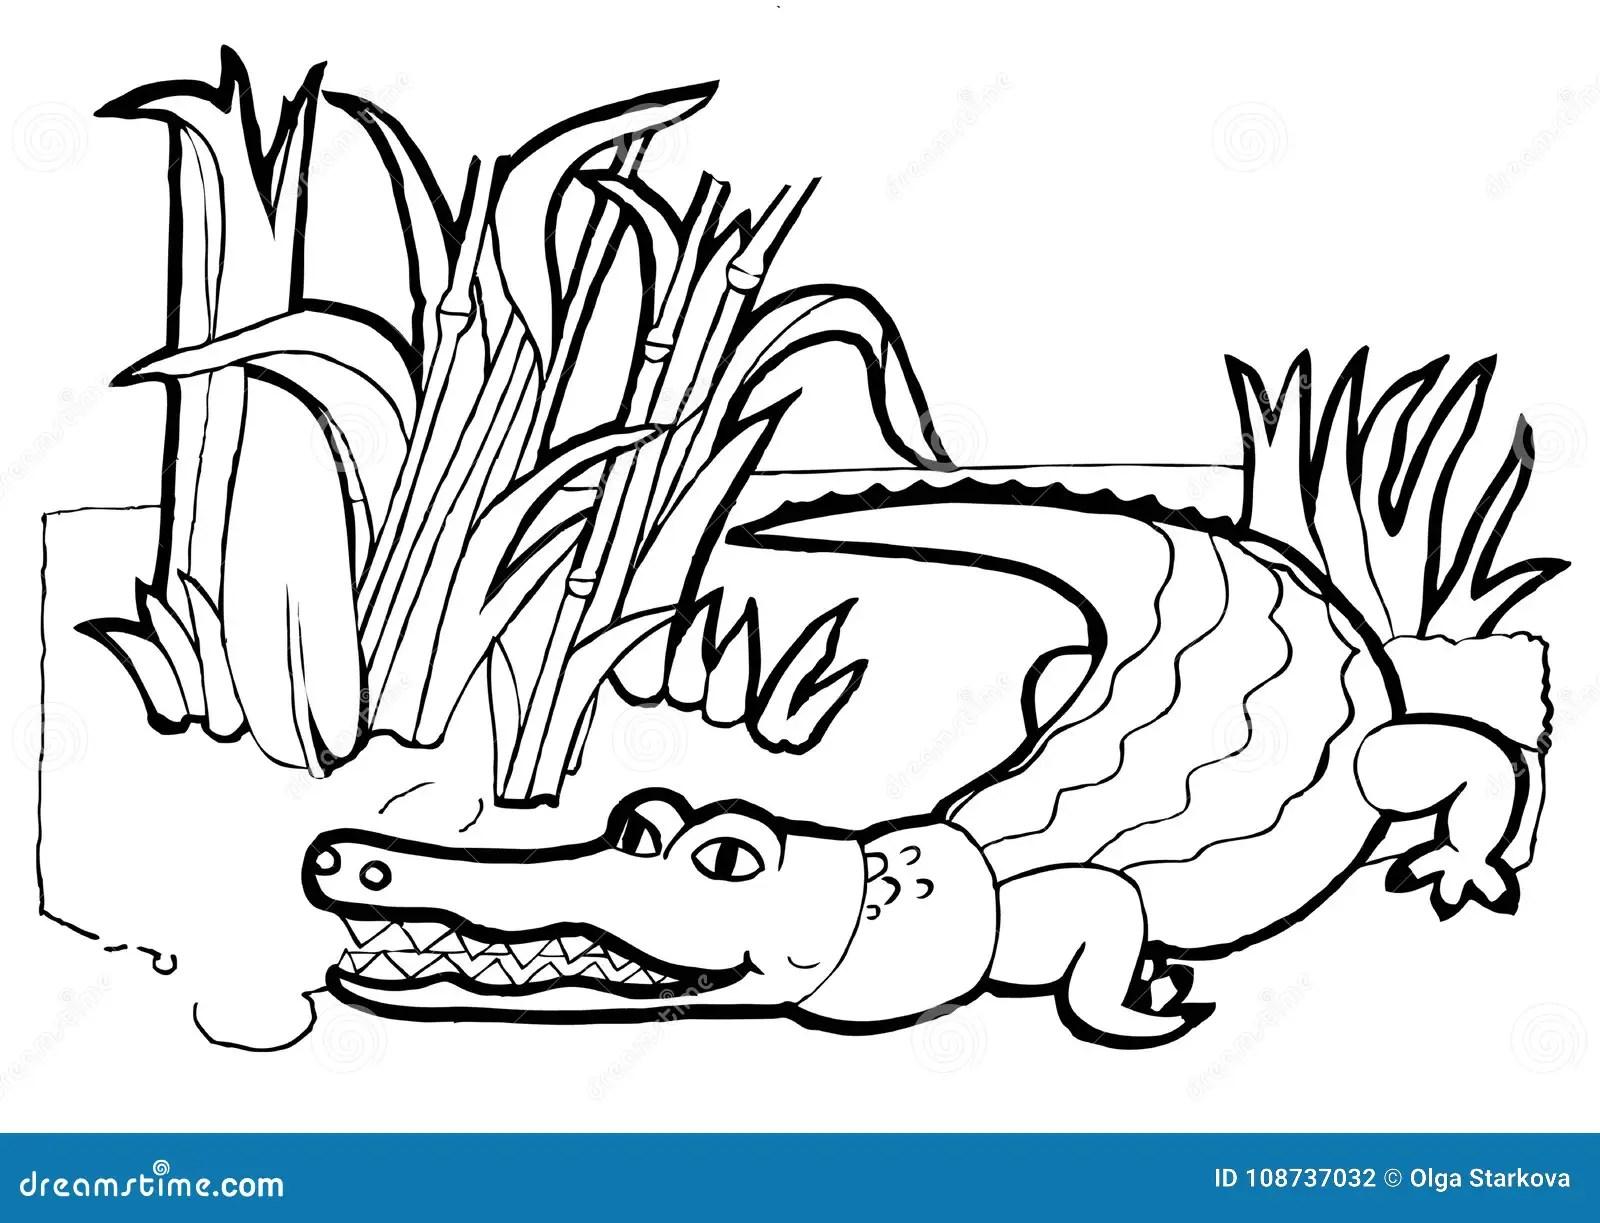 Crocodile Colouring Book Black And White Version Stock